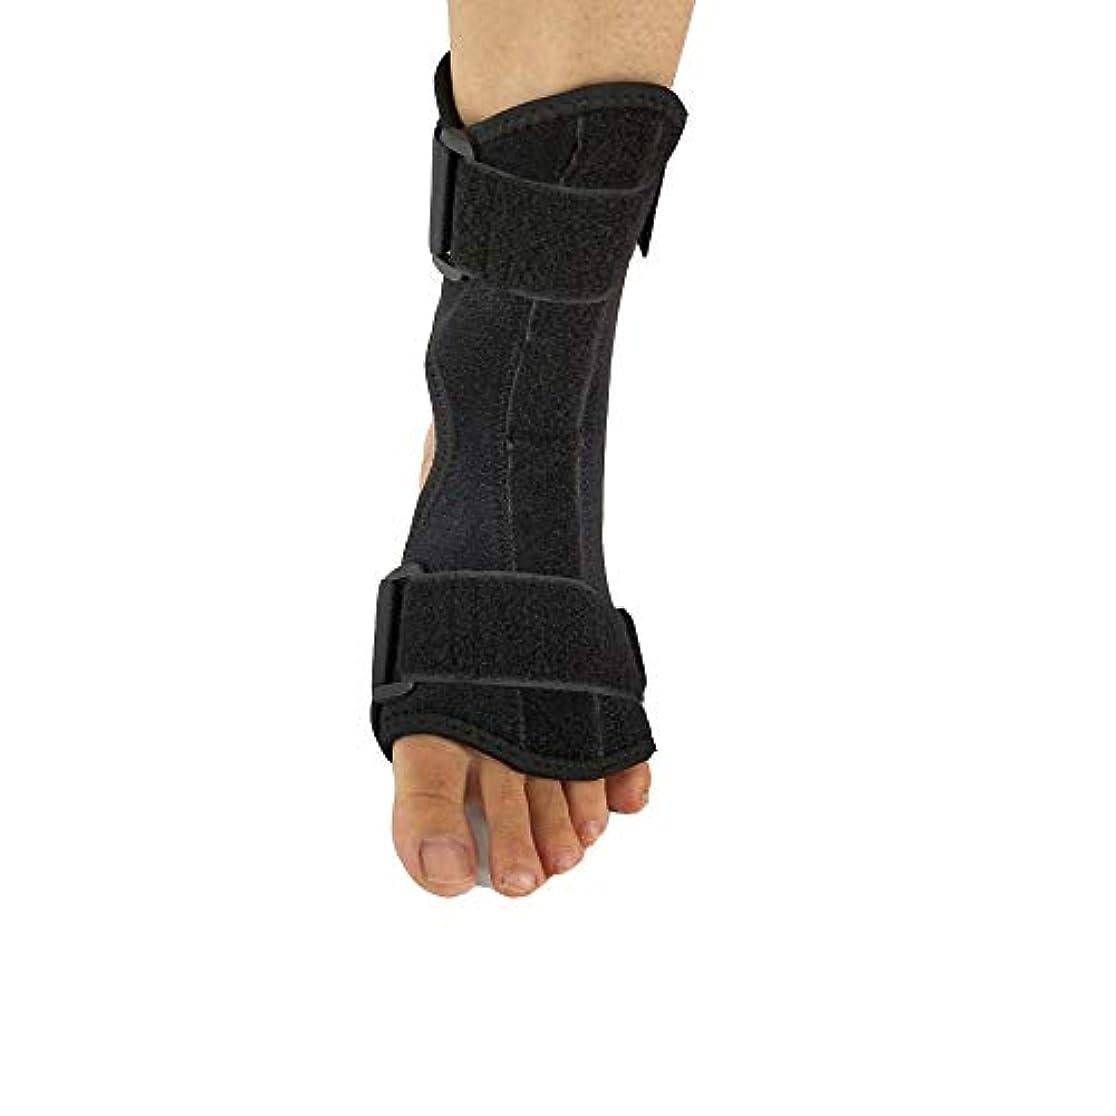 幸運なことにスクリューおじさん足首安定器、足首ブレース、足首サポート、スプリントサポート足首矯正装具ブレース、捻rainサポート、緊張、関節炎